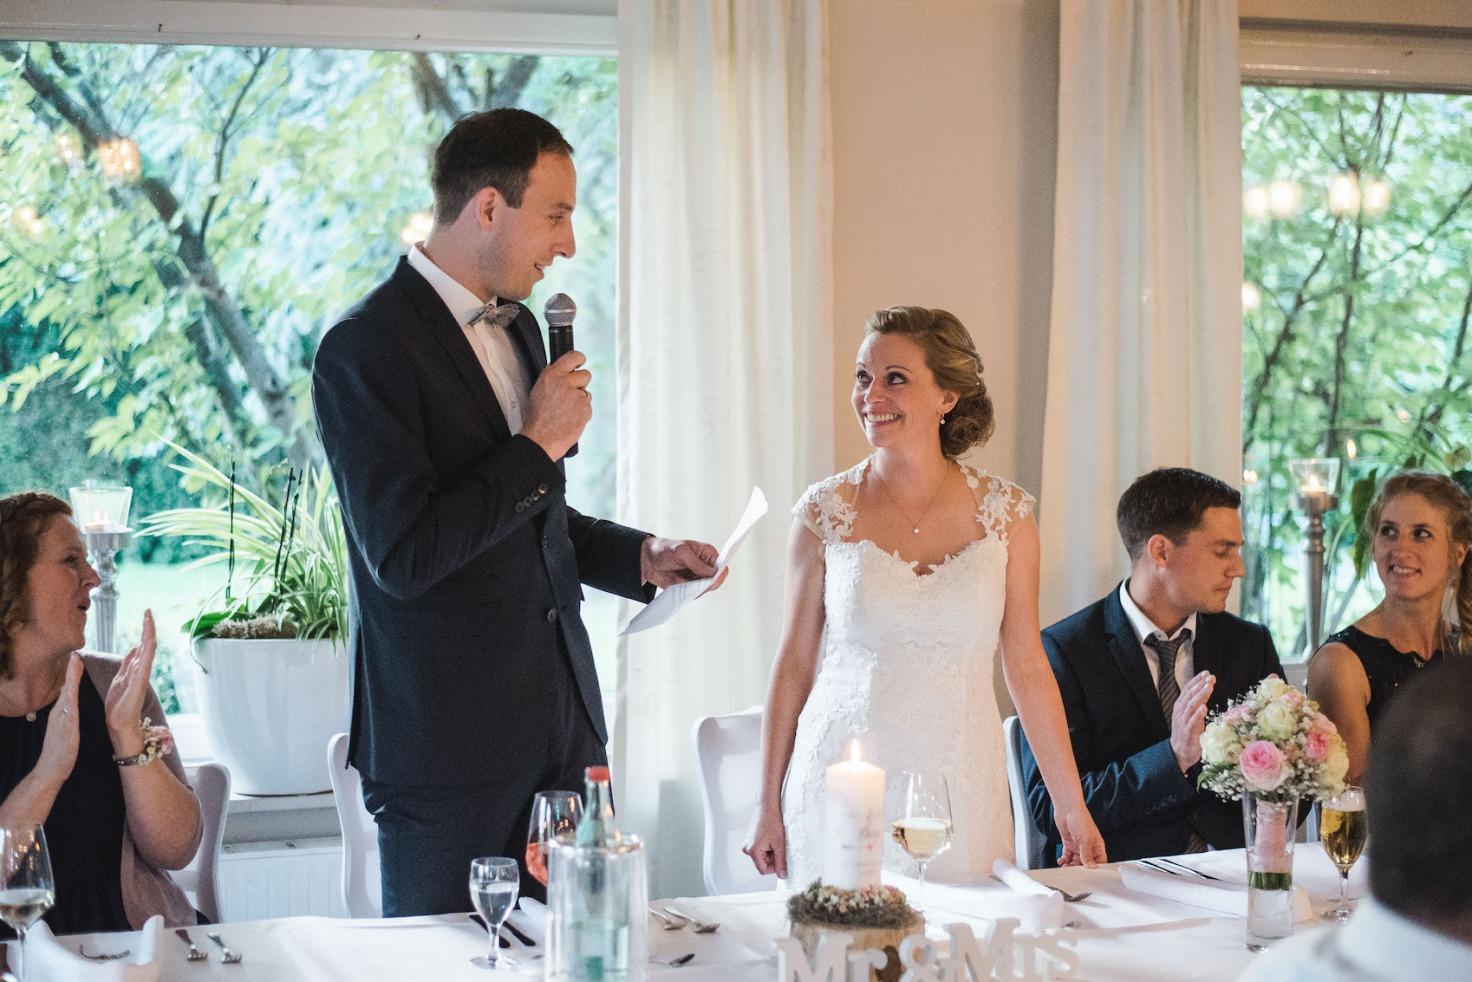 Hochzeit von Sabrina und Michael in Münster: Bräutigam hält eine Rede